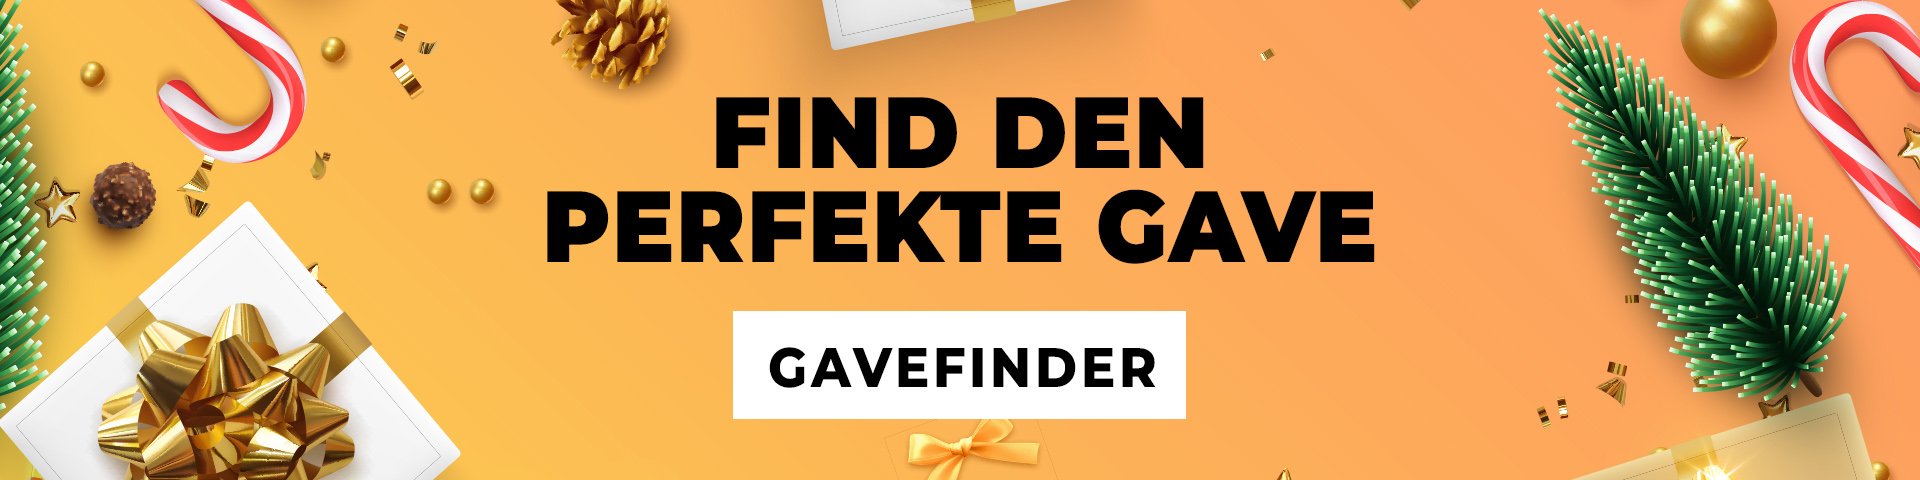 DK - Home_Geschenkefinder Banner